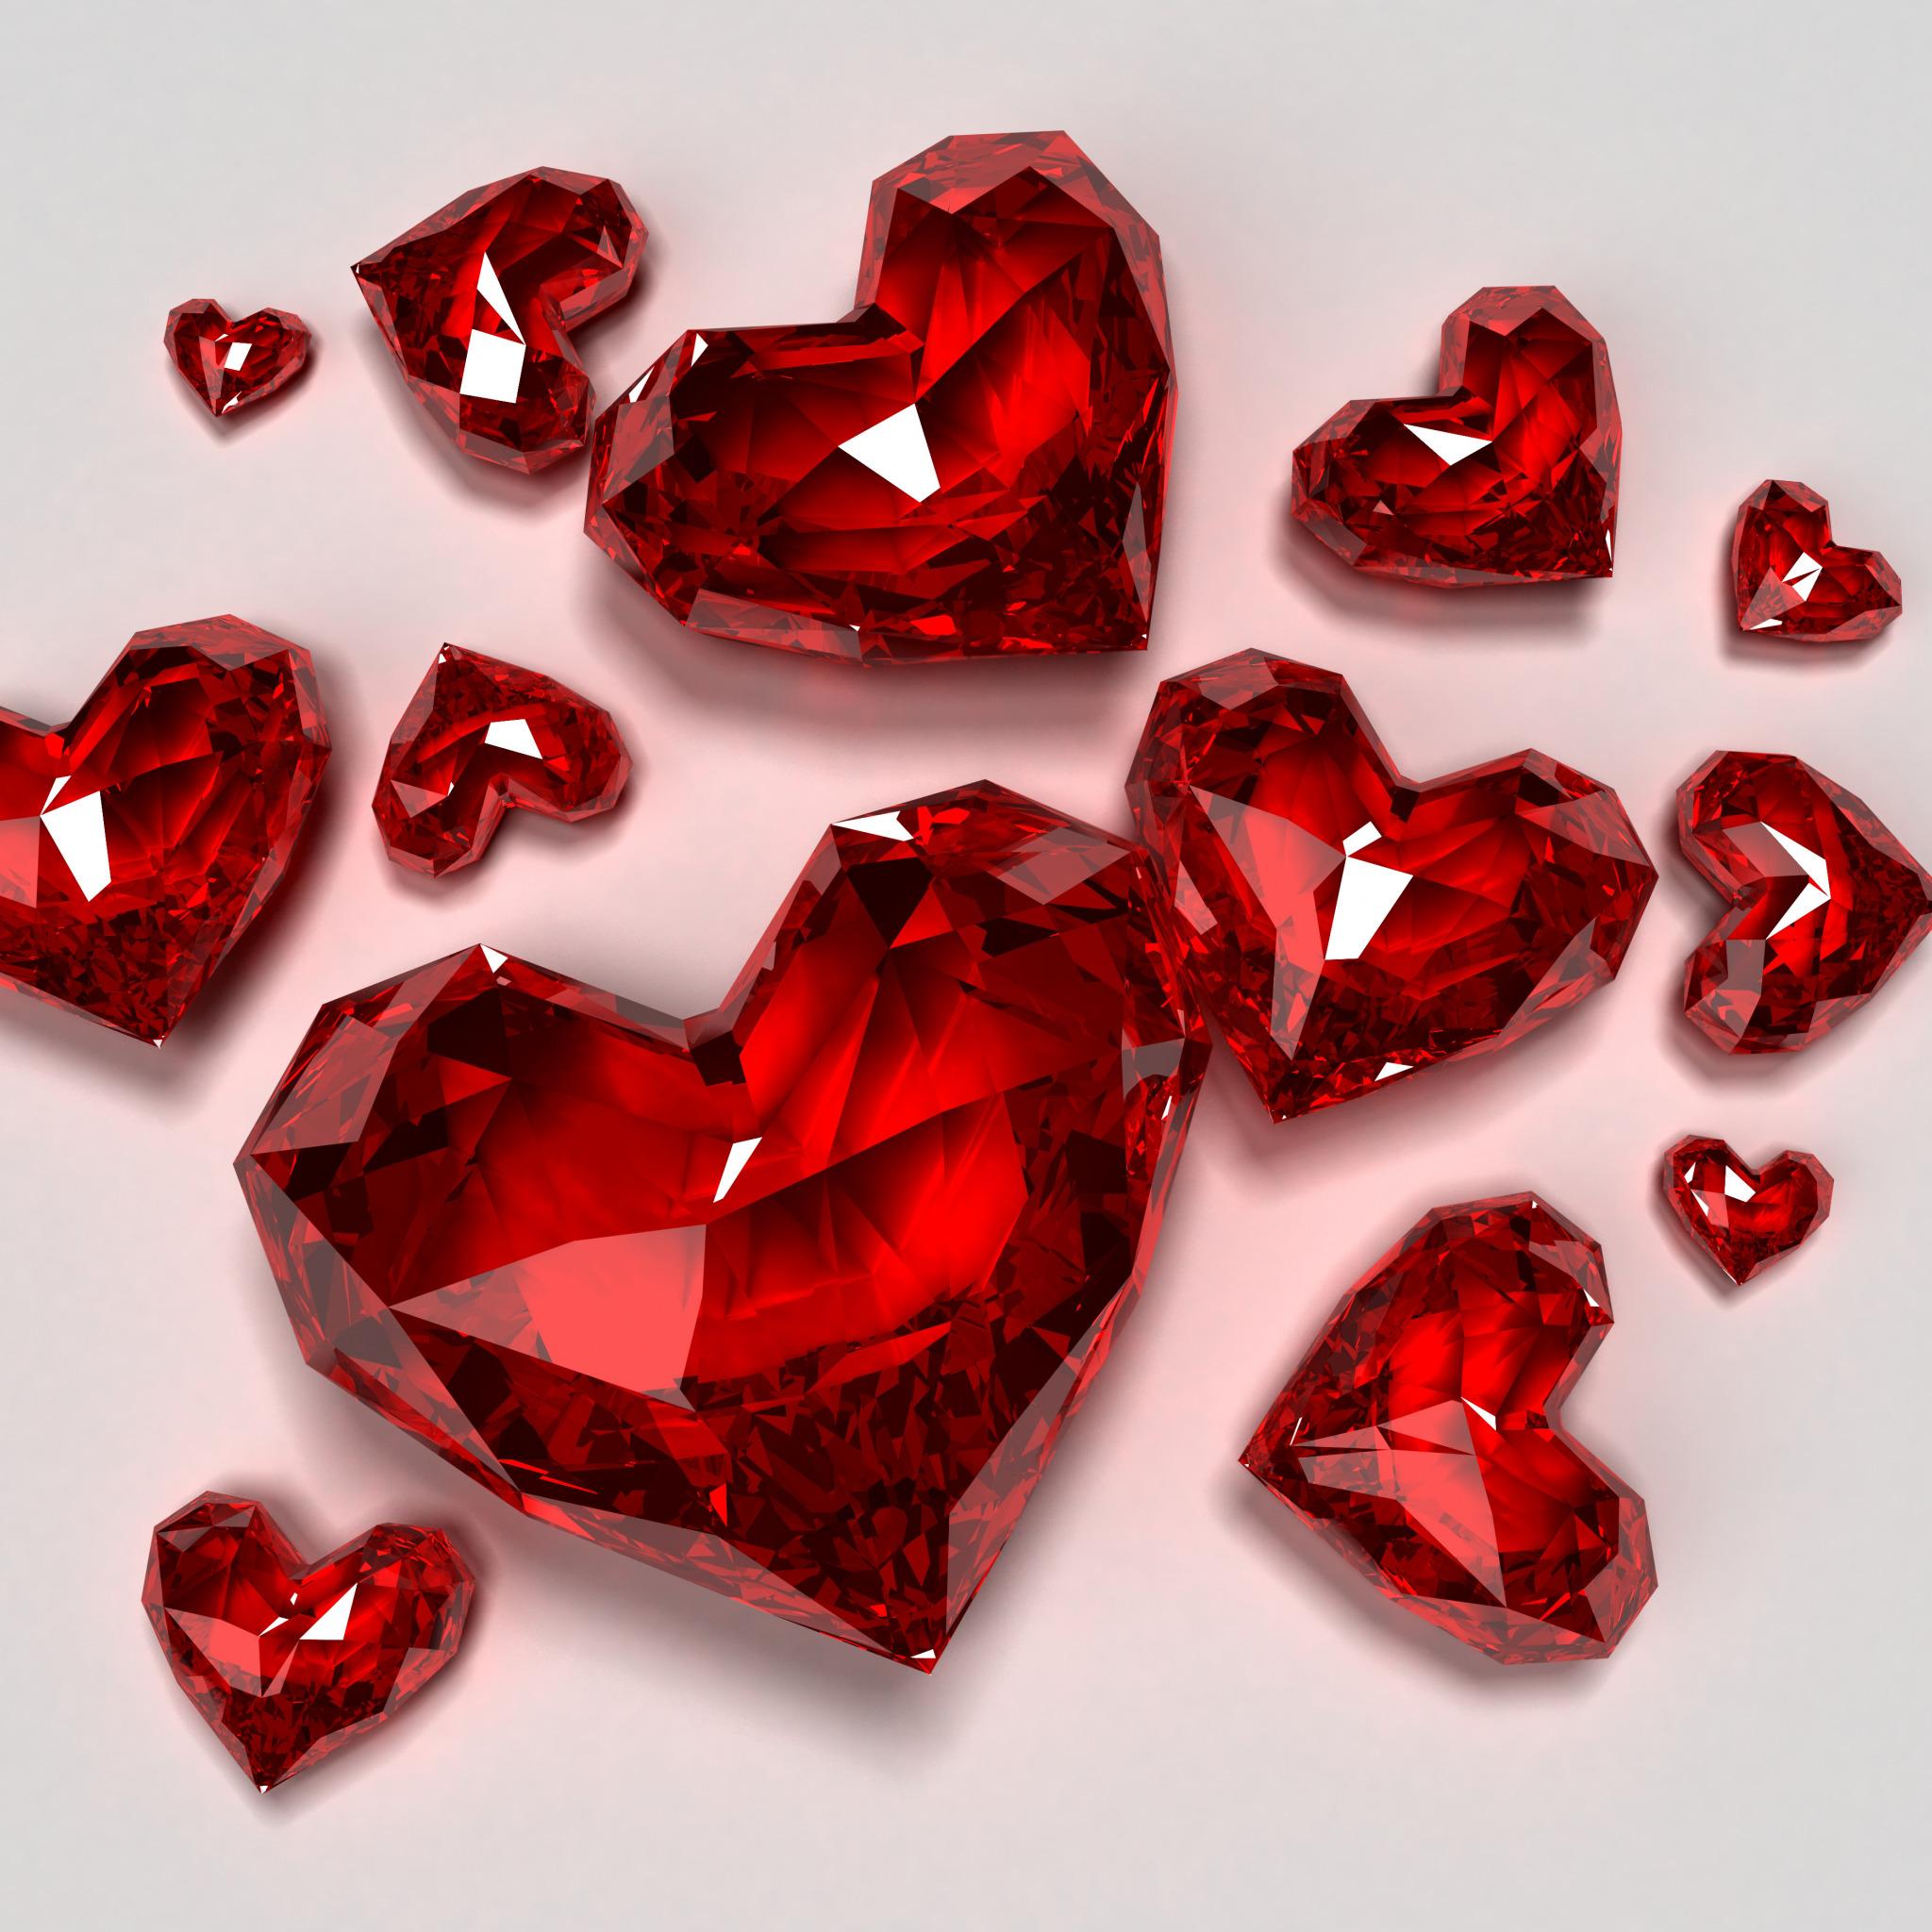 картинка с сердечками